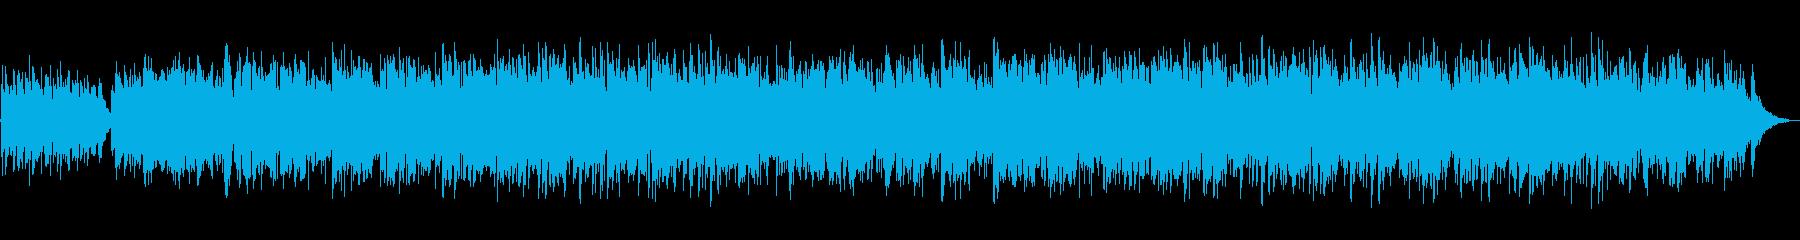 折E的でジャズなインストゥルメンタ...の再生済みの波形